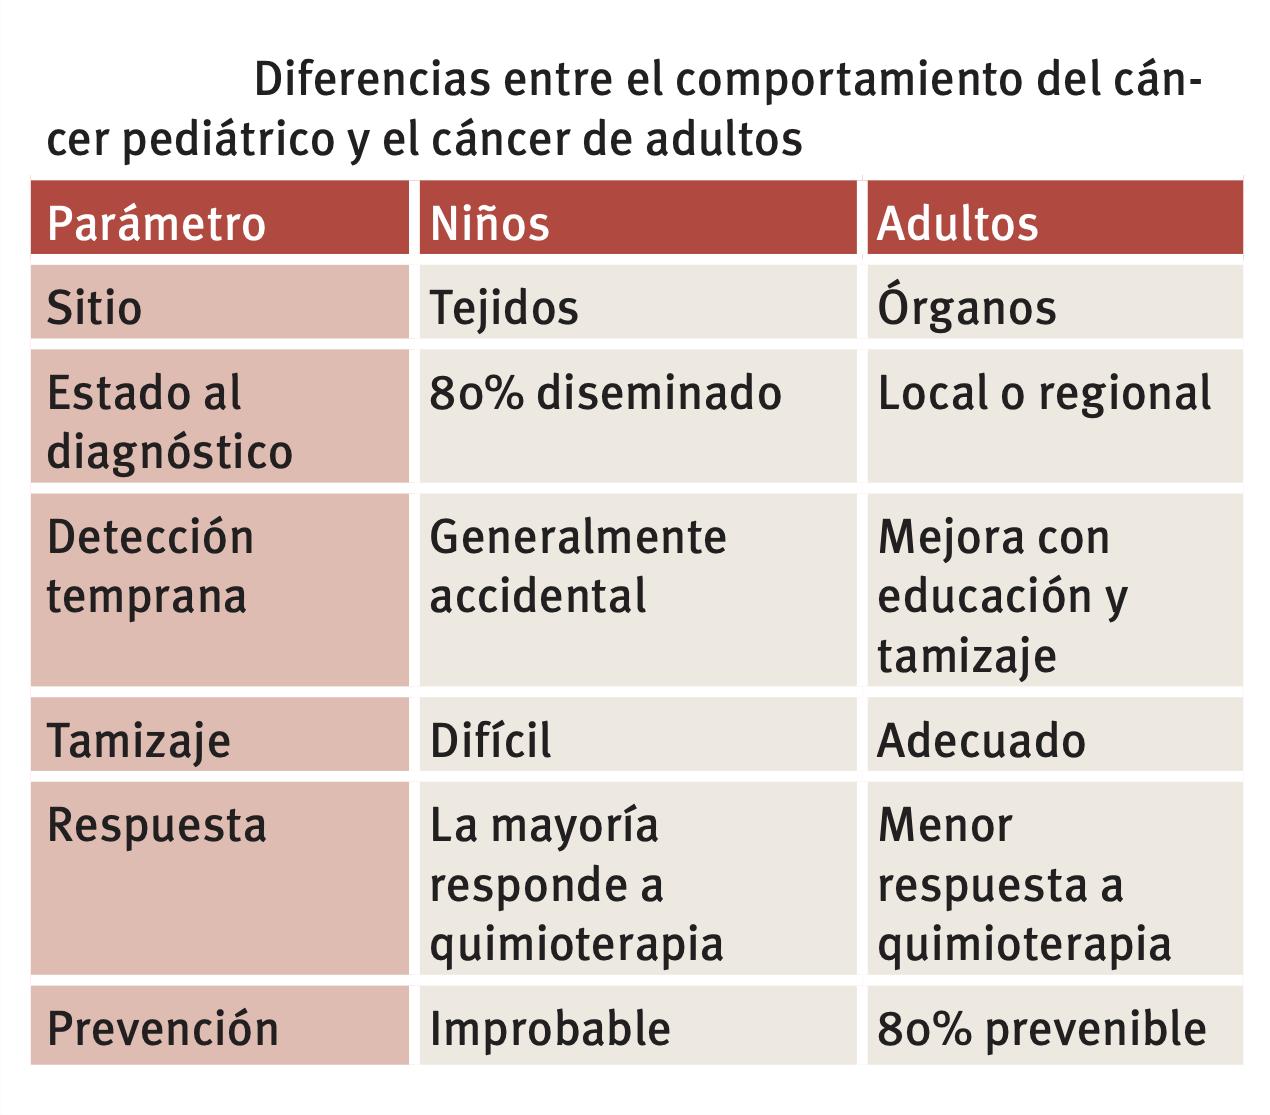 Diferencias entre cáncer pediátrico y adulto